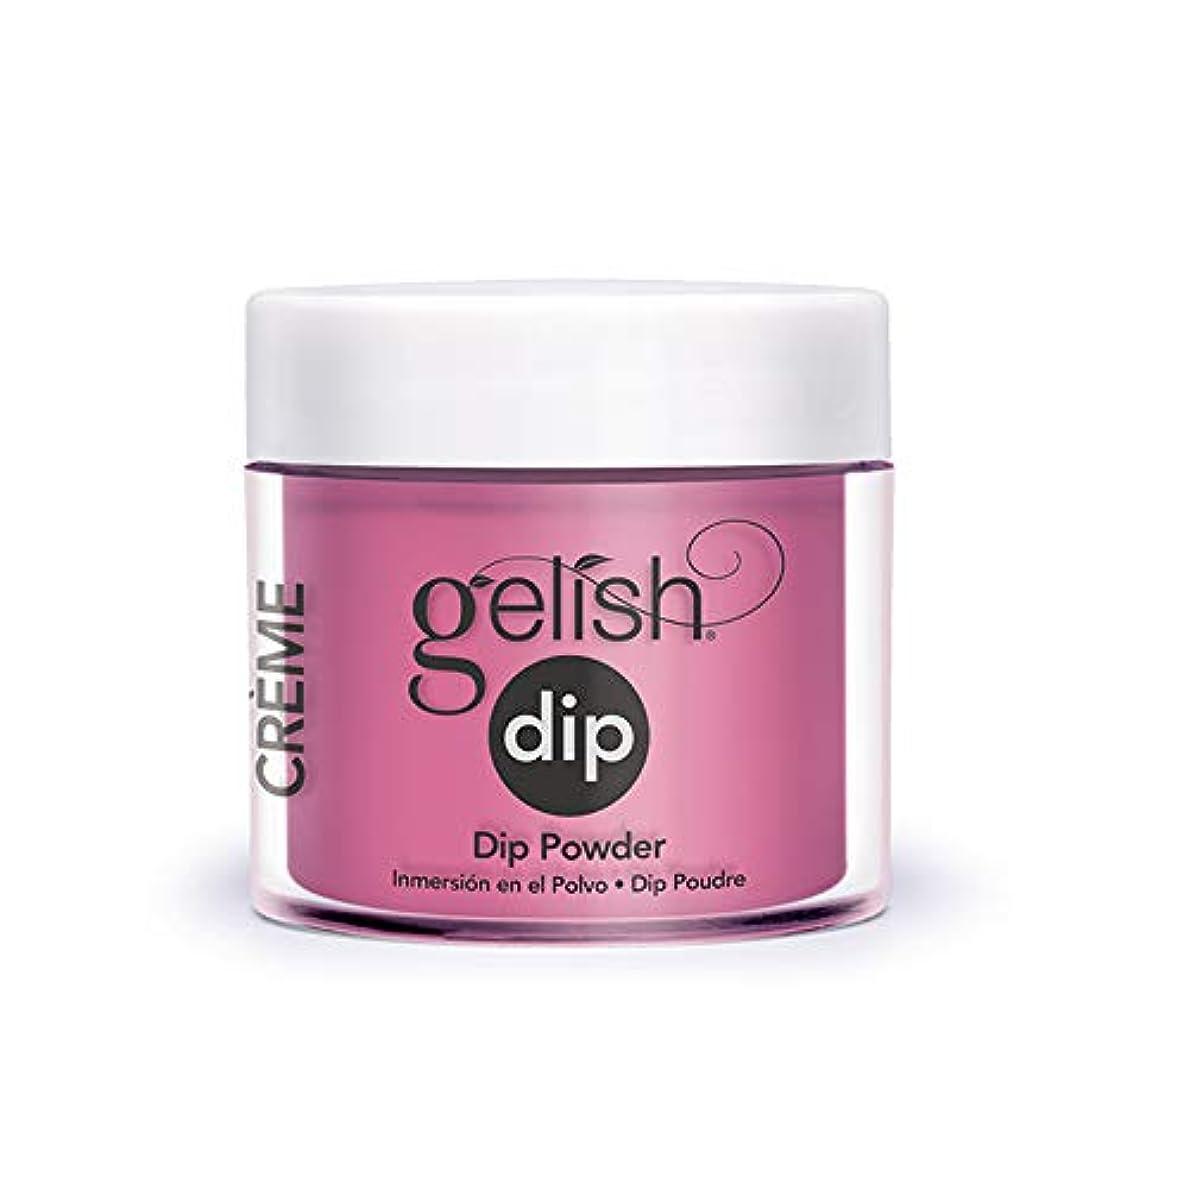 オリエンテーションテロリスト他の場所Harmony Gelish - Acrylic Dip Powder - Tropical Punch - 23g / 0.8oz